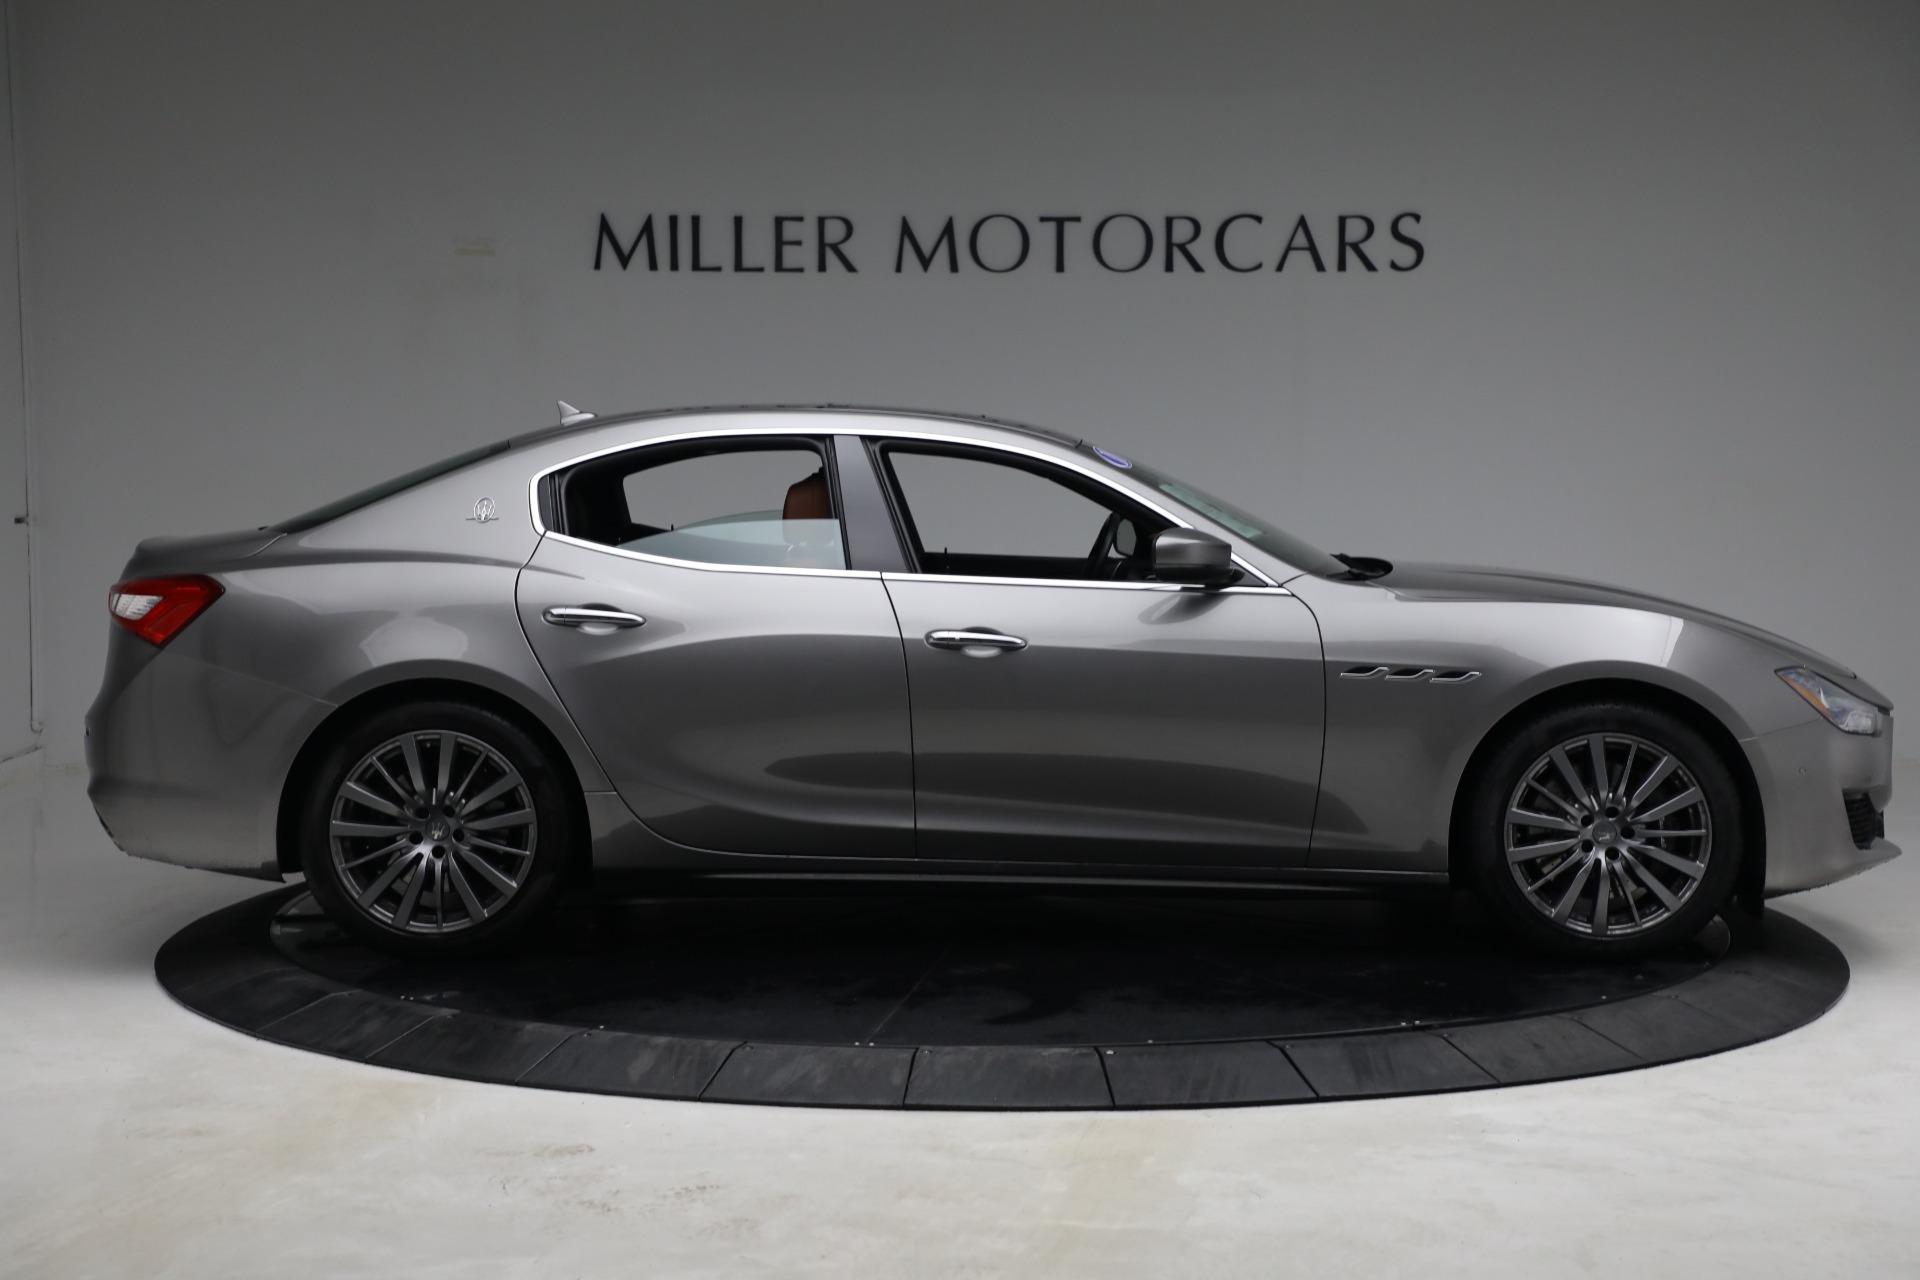 New-2018-Maserati-Ghibli-S-Q4